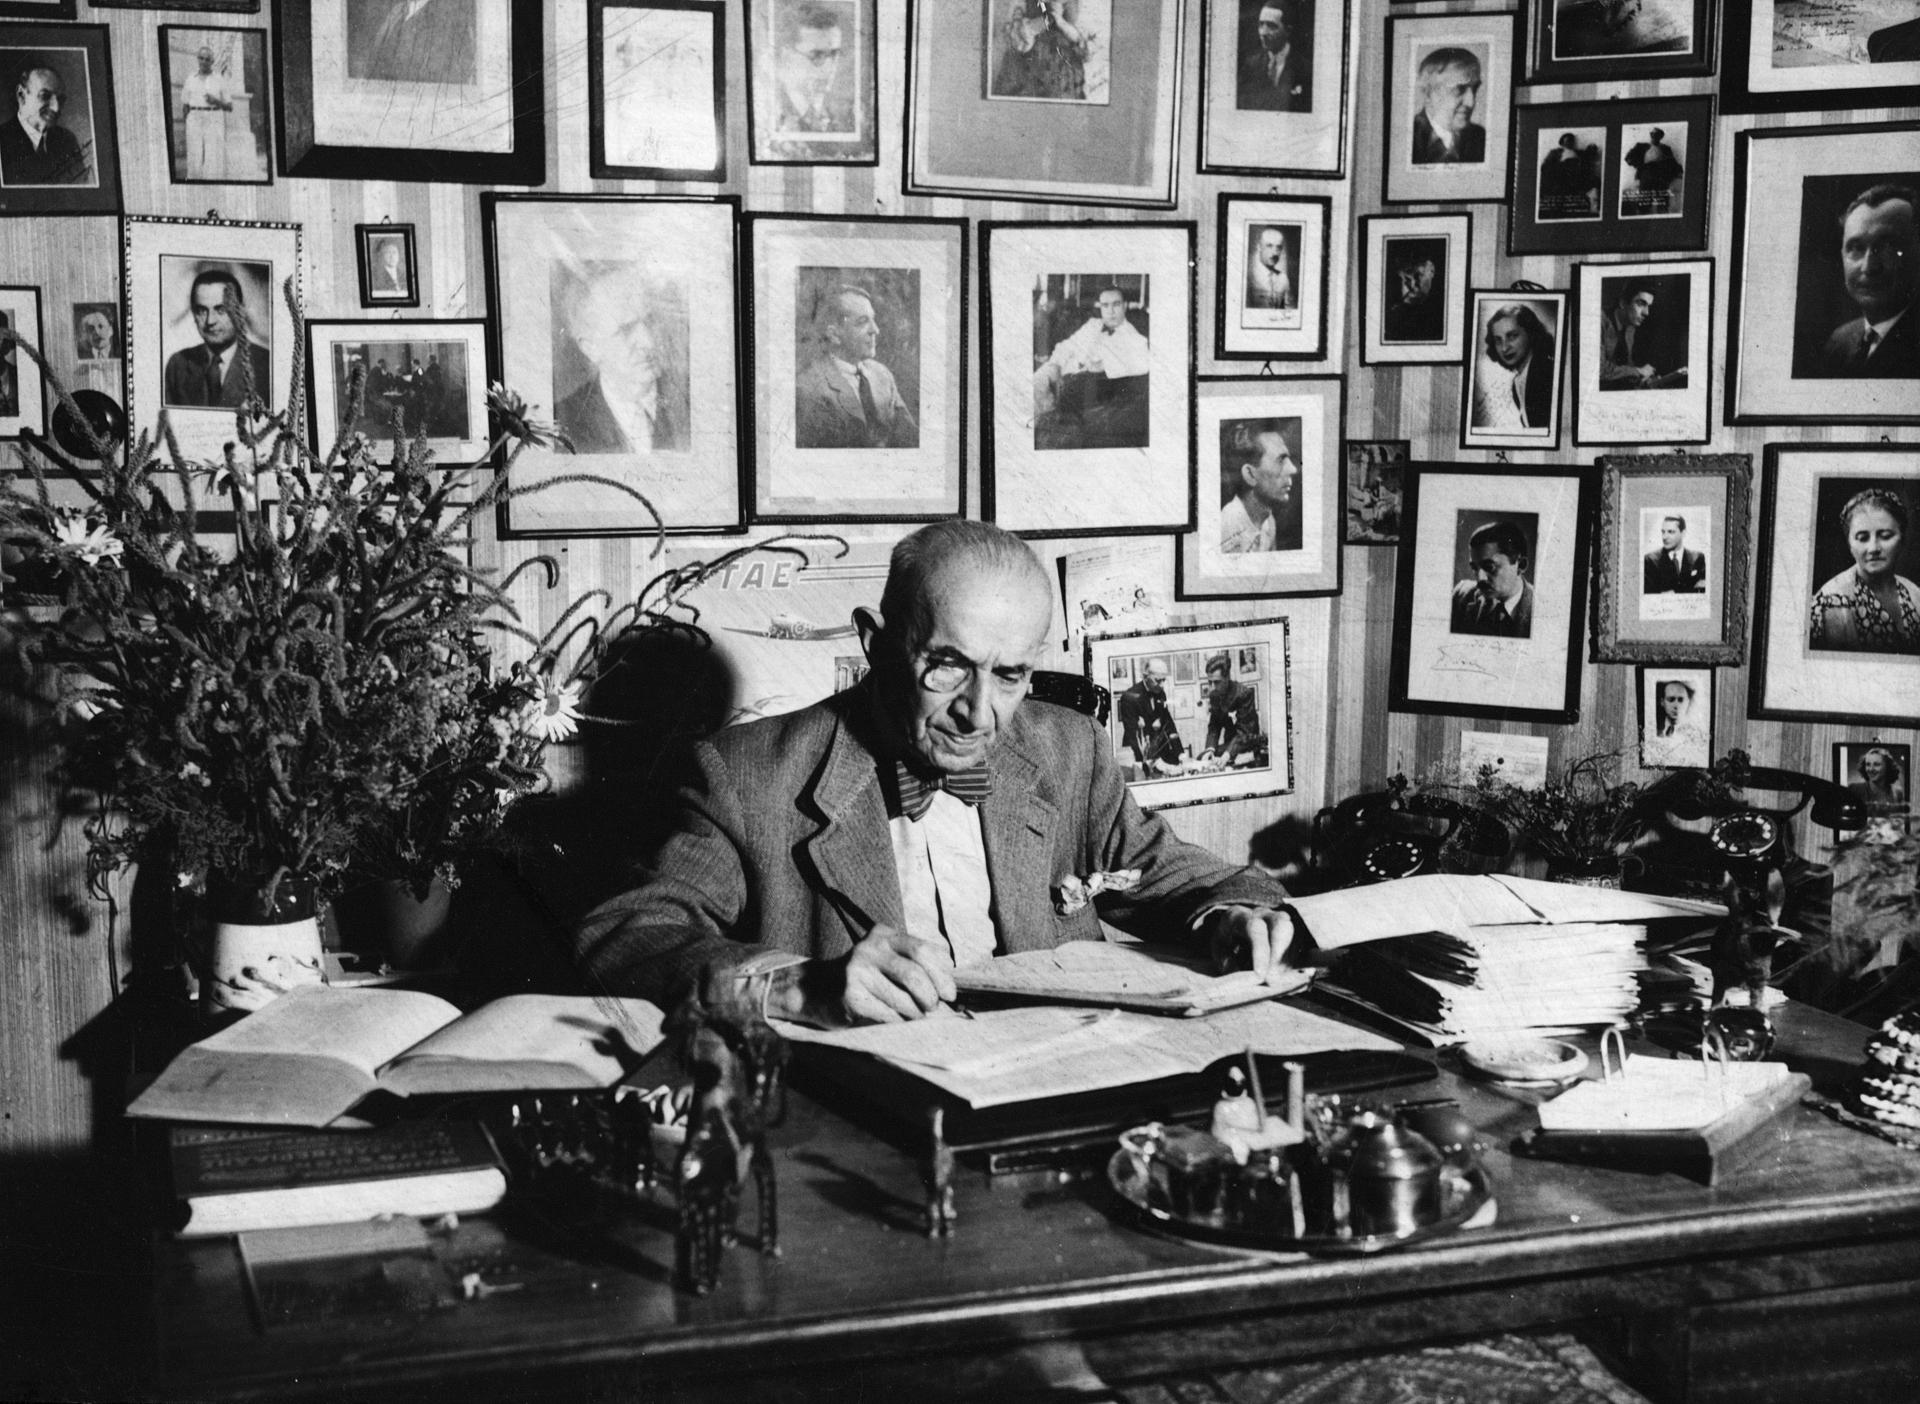 Ο Μιλτιάδης Λιδωρίκης στο γραφείο του στο Εθνικό Θέατρο